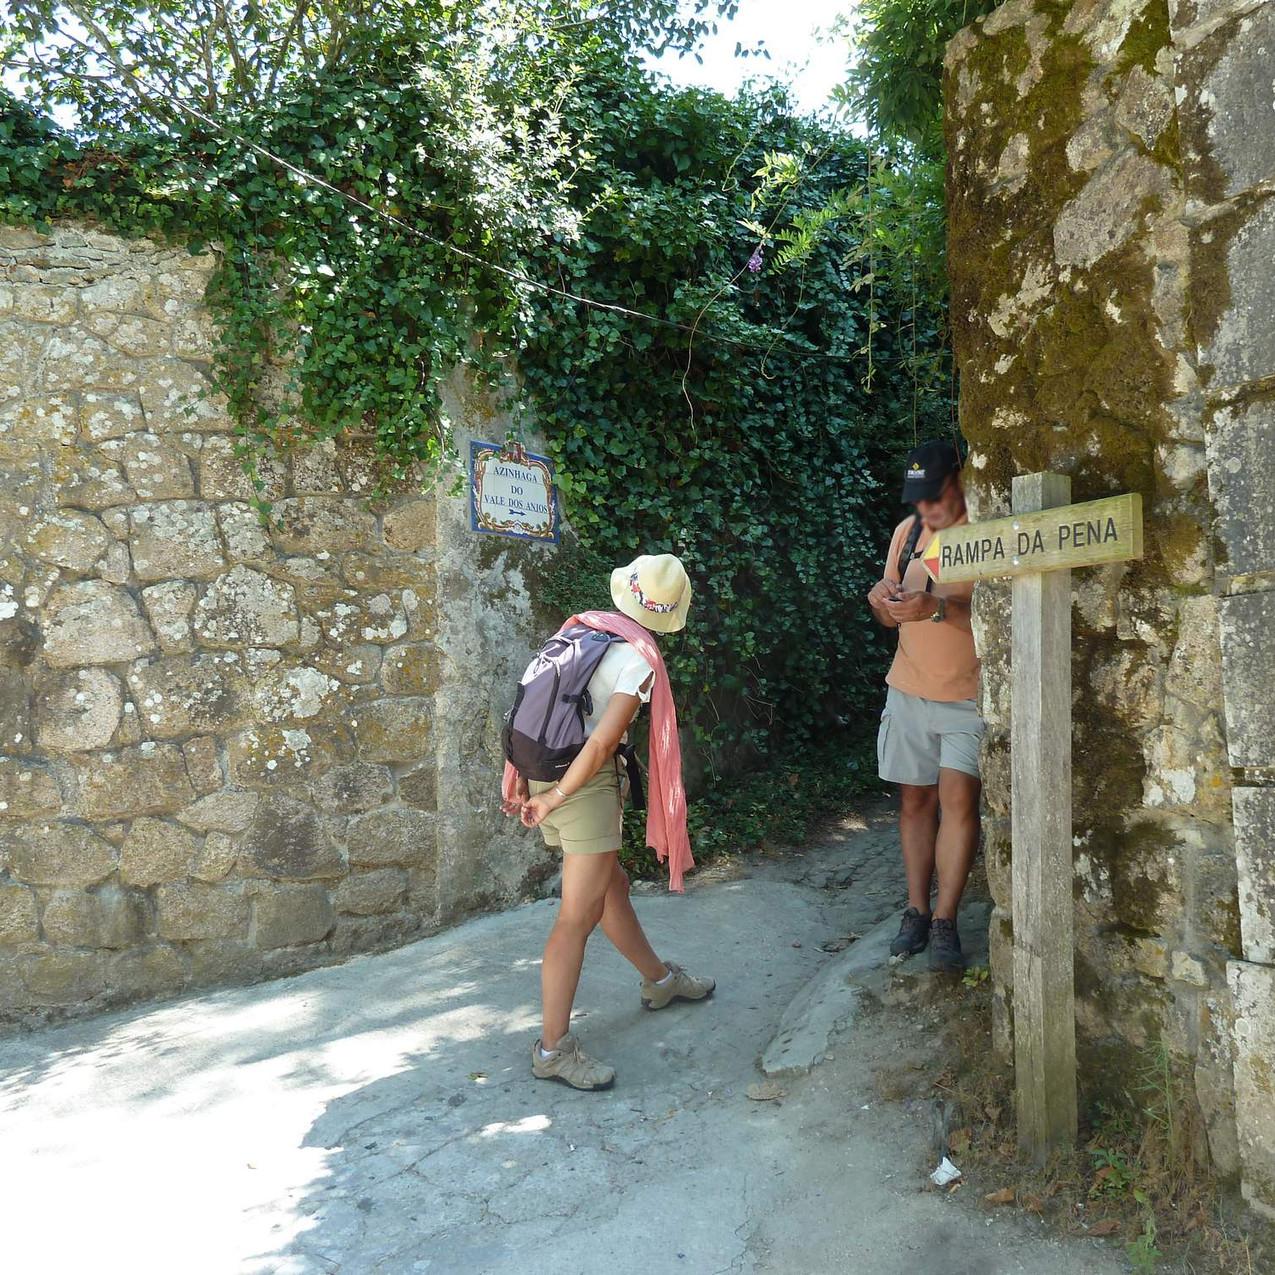 Entrance to Rampa da Pena